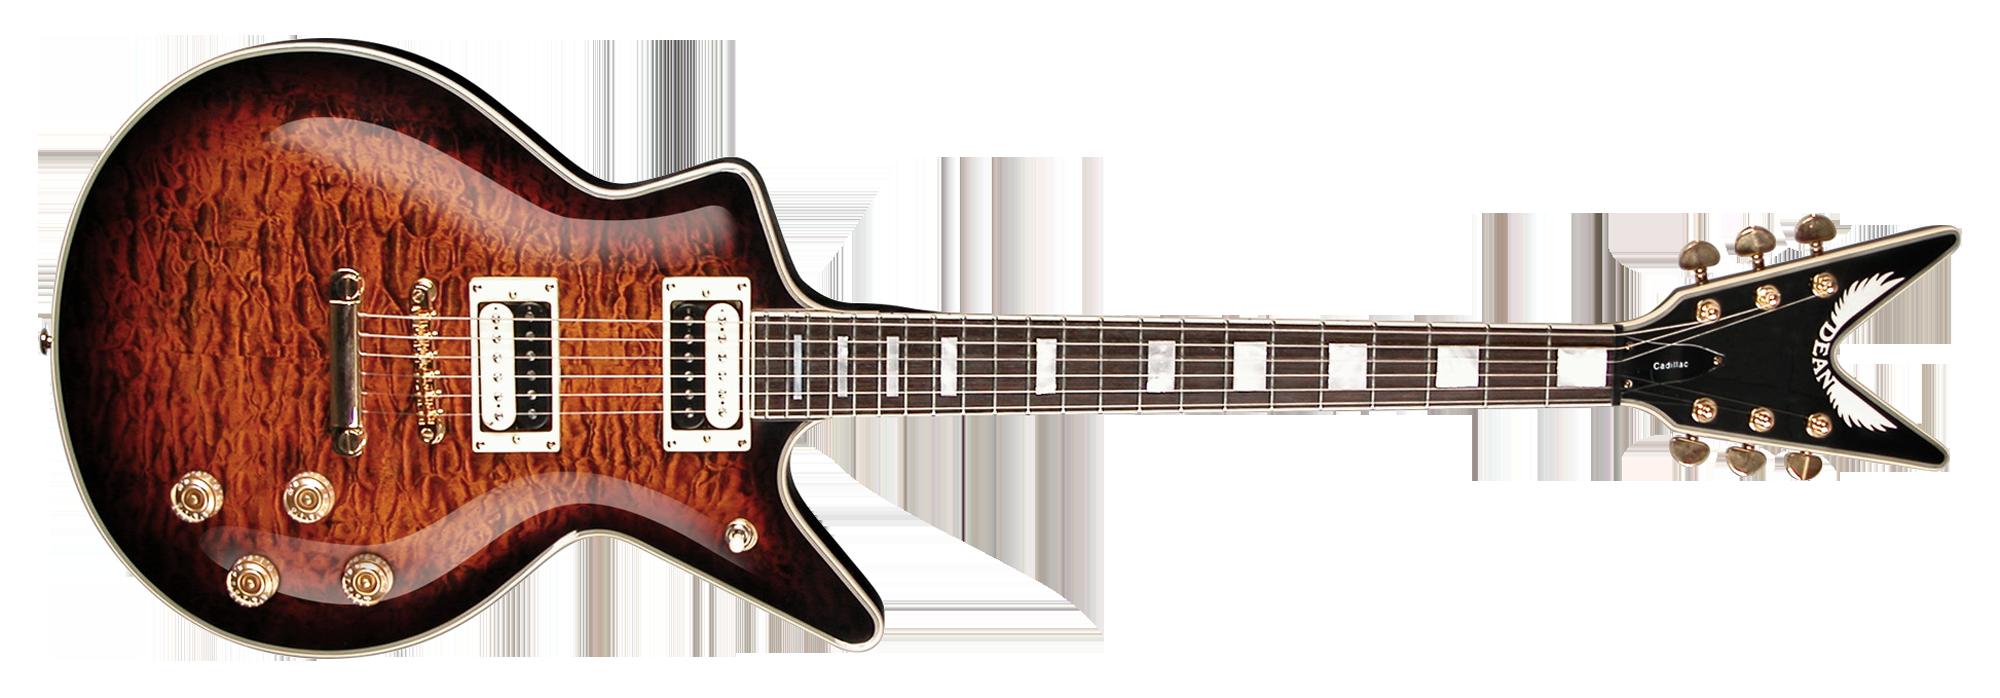 Clipart guitar mariachi guitar. The music store inc